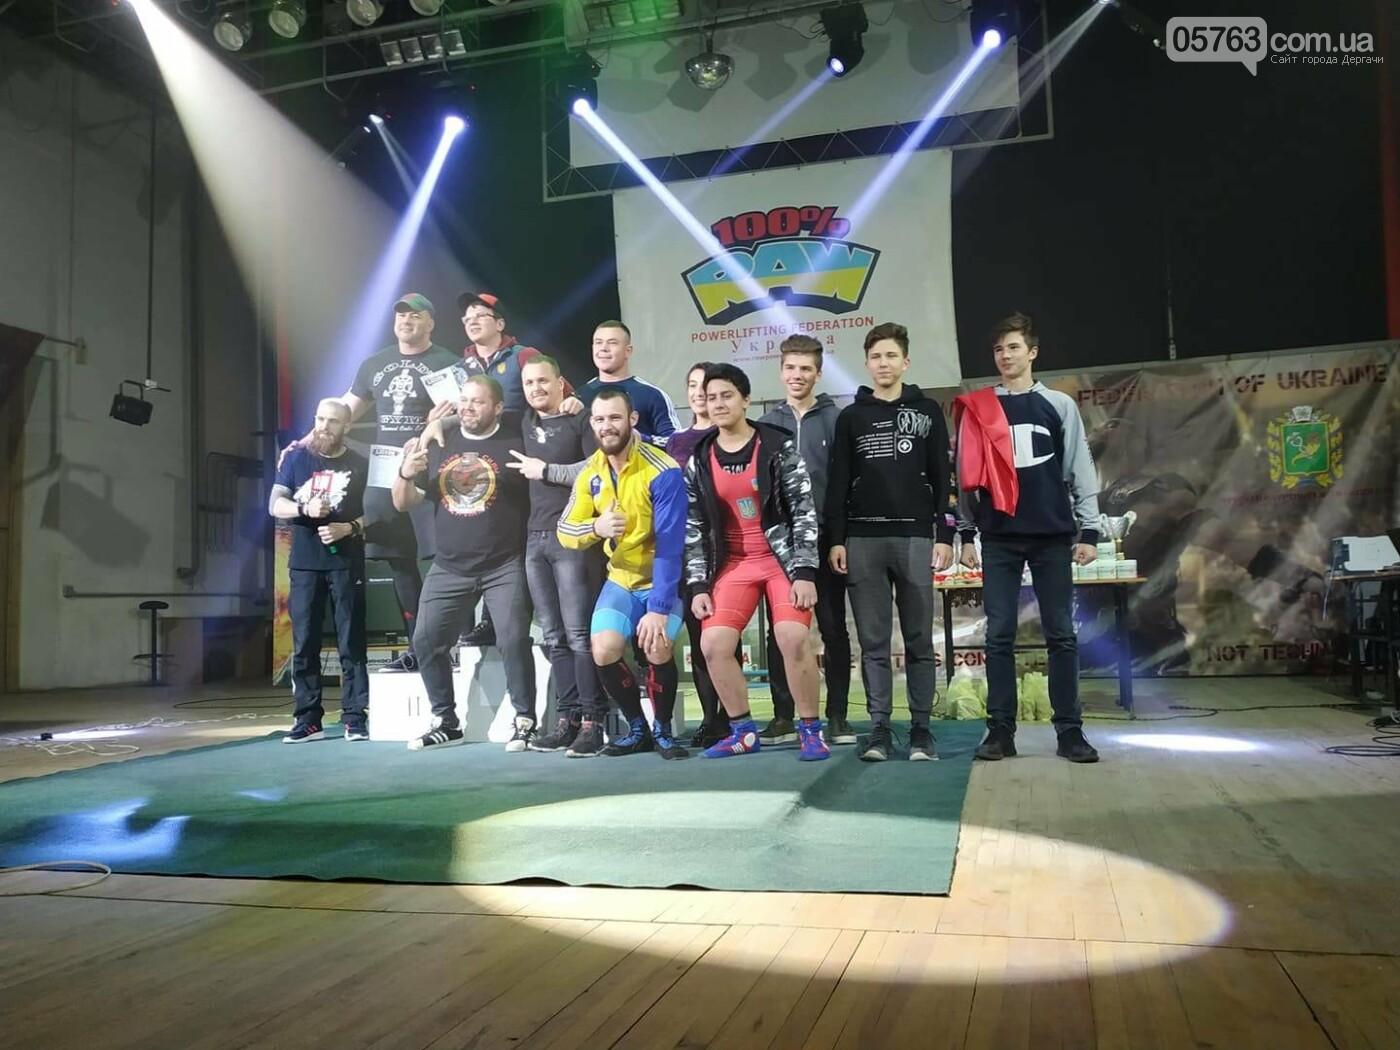 В Дергачах відбувся Всеукраїнський турнір з пауерліфтингу та жиму штанги лежачи, фото-7